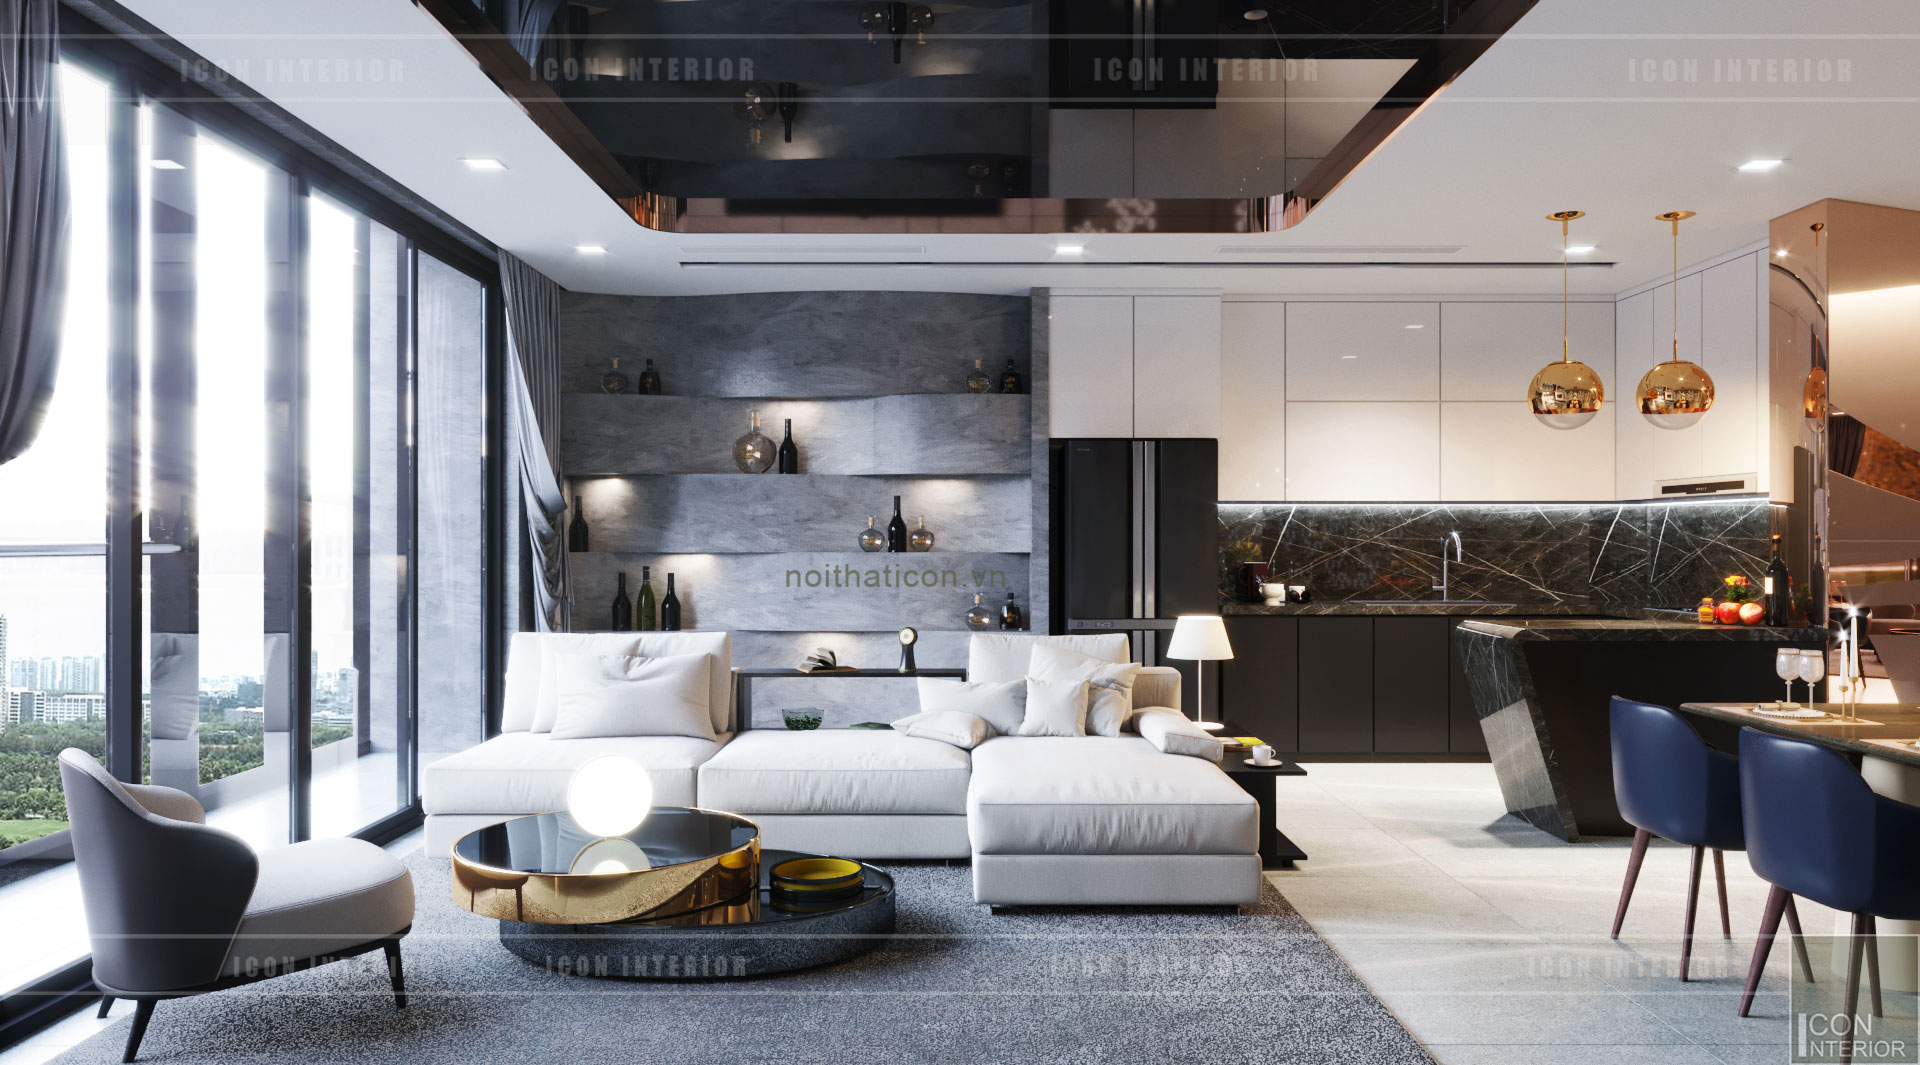 thiết kế nội thất căn hộ vinhomes ba son - phòng khách bếp 5